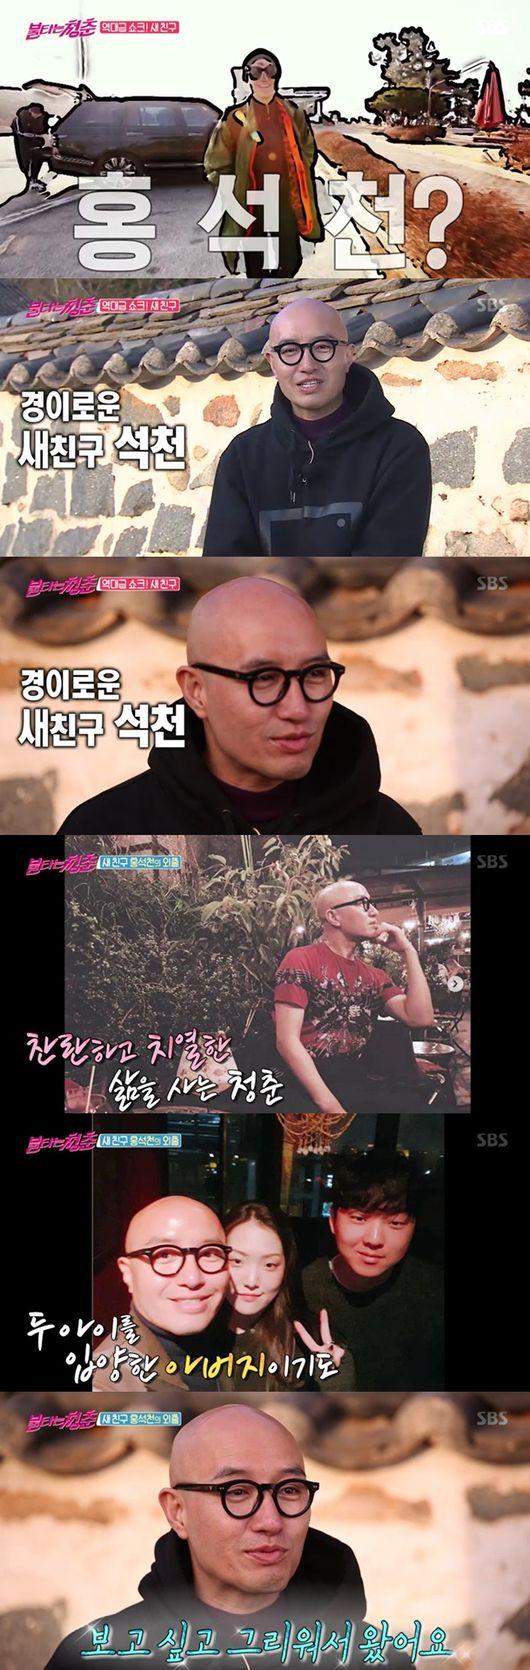 '불청' 홍석천, 역대급 새친구 ‥눈물 or 충격 '극과극' 반응 [어저께TV]